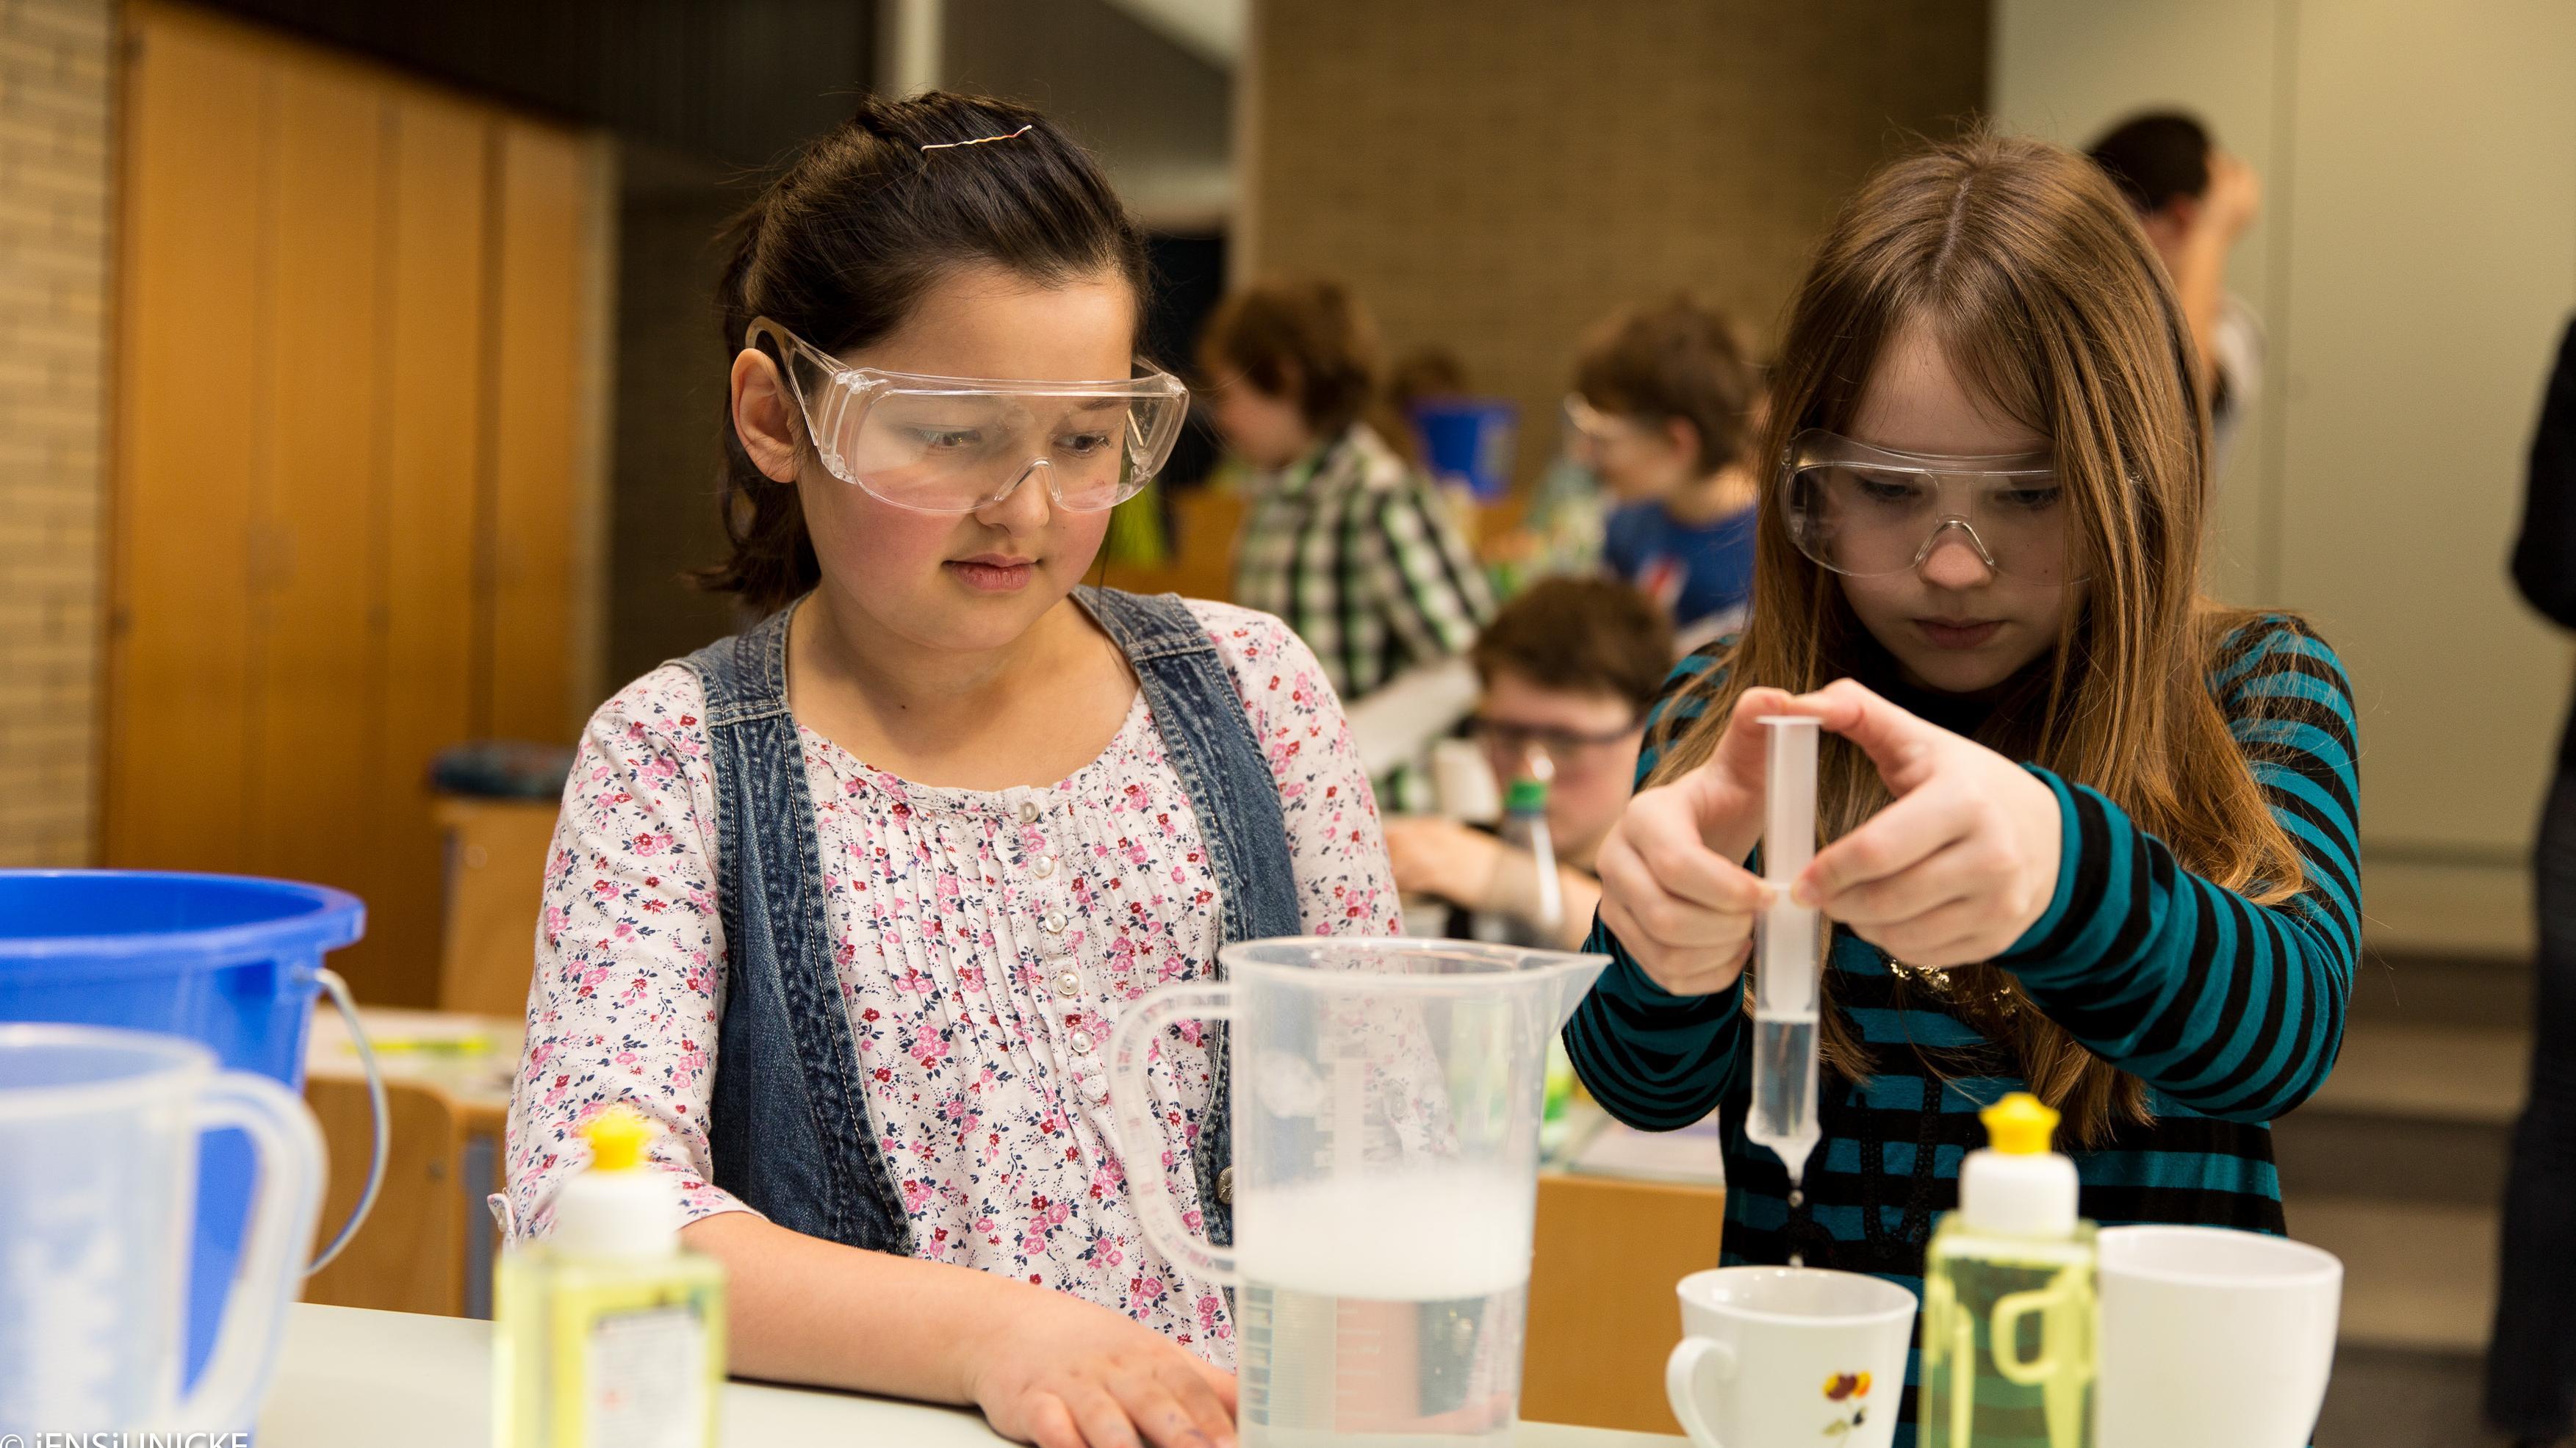 Schüler experimentieren - Jugend forscht (Symbolbild)